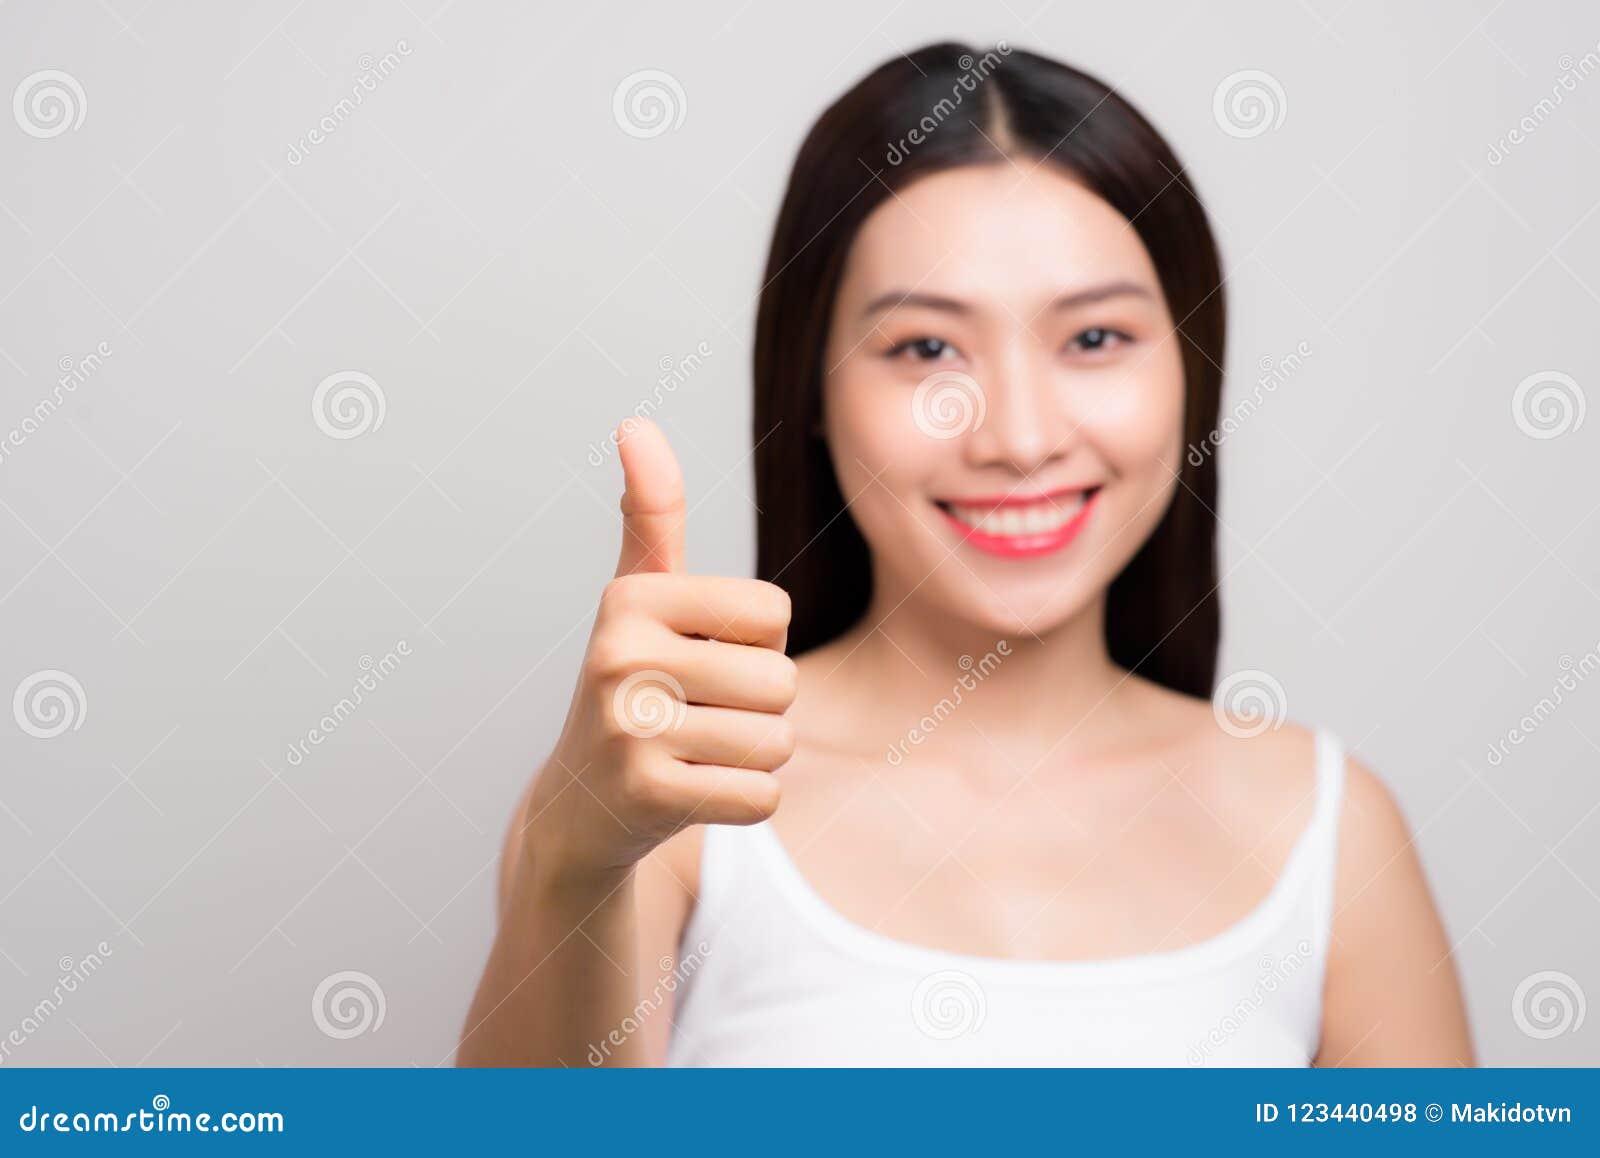 Νέα γυναίκα της Ασίας με τα πλήγματα προσώπου smiley επάνω στη χειρονομία, που απομονώνεται επάνω